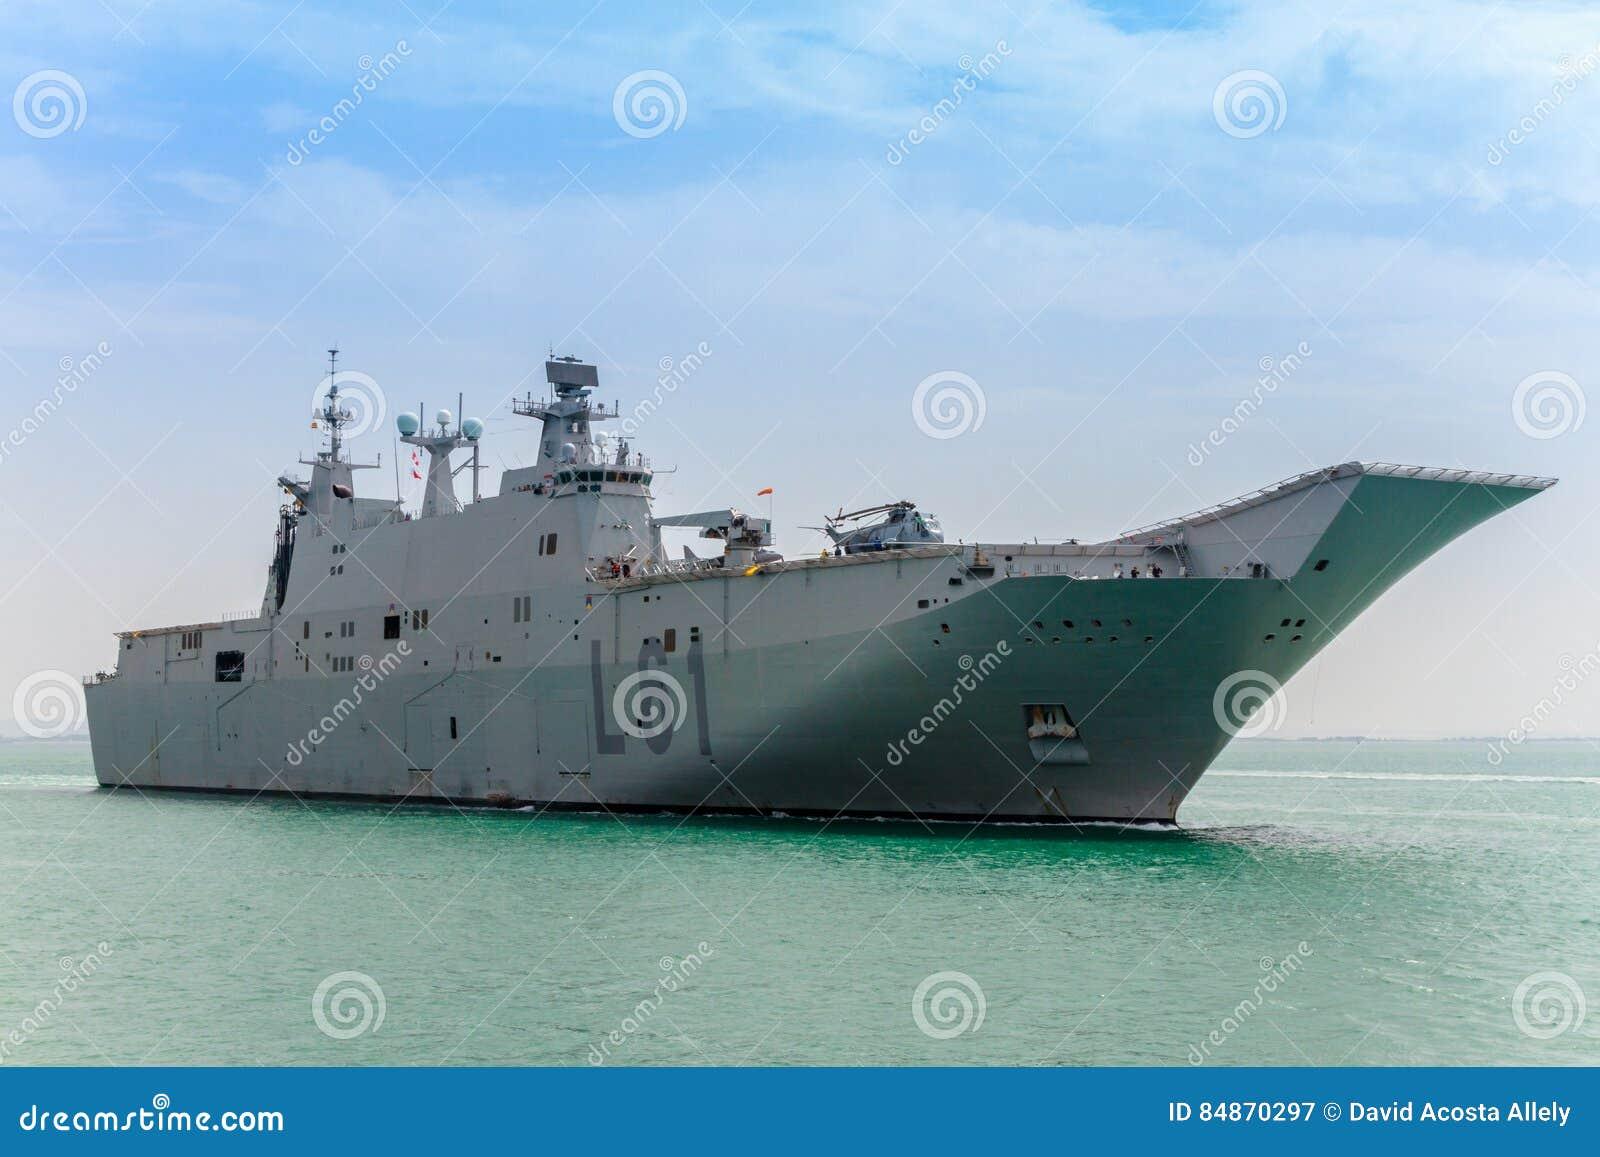 Aircraft Carrier L-61 Juan Carlos I Editorial Photography ...Spanish Aircraft Carrier Juan Carlos